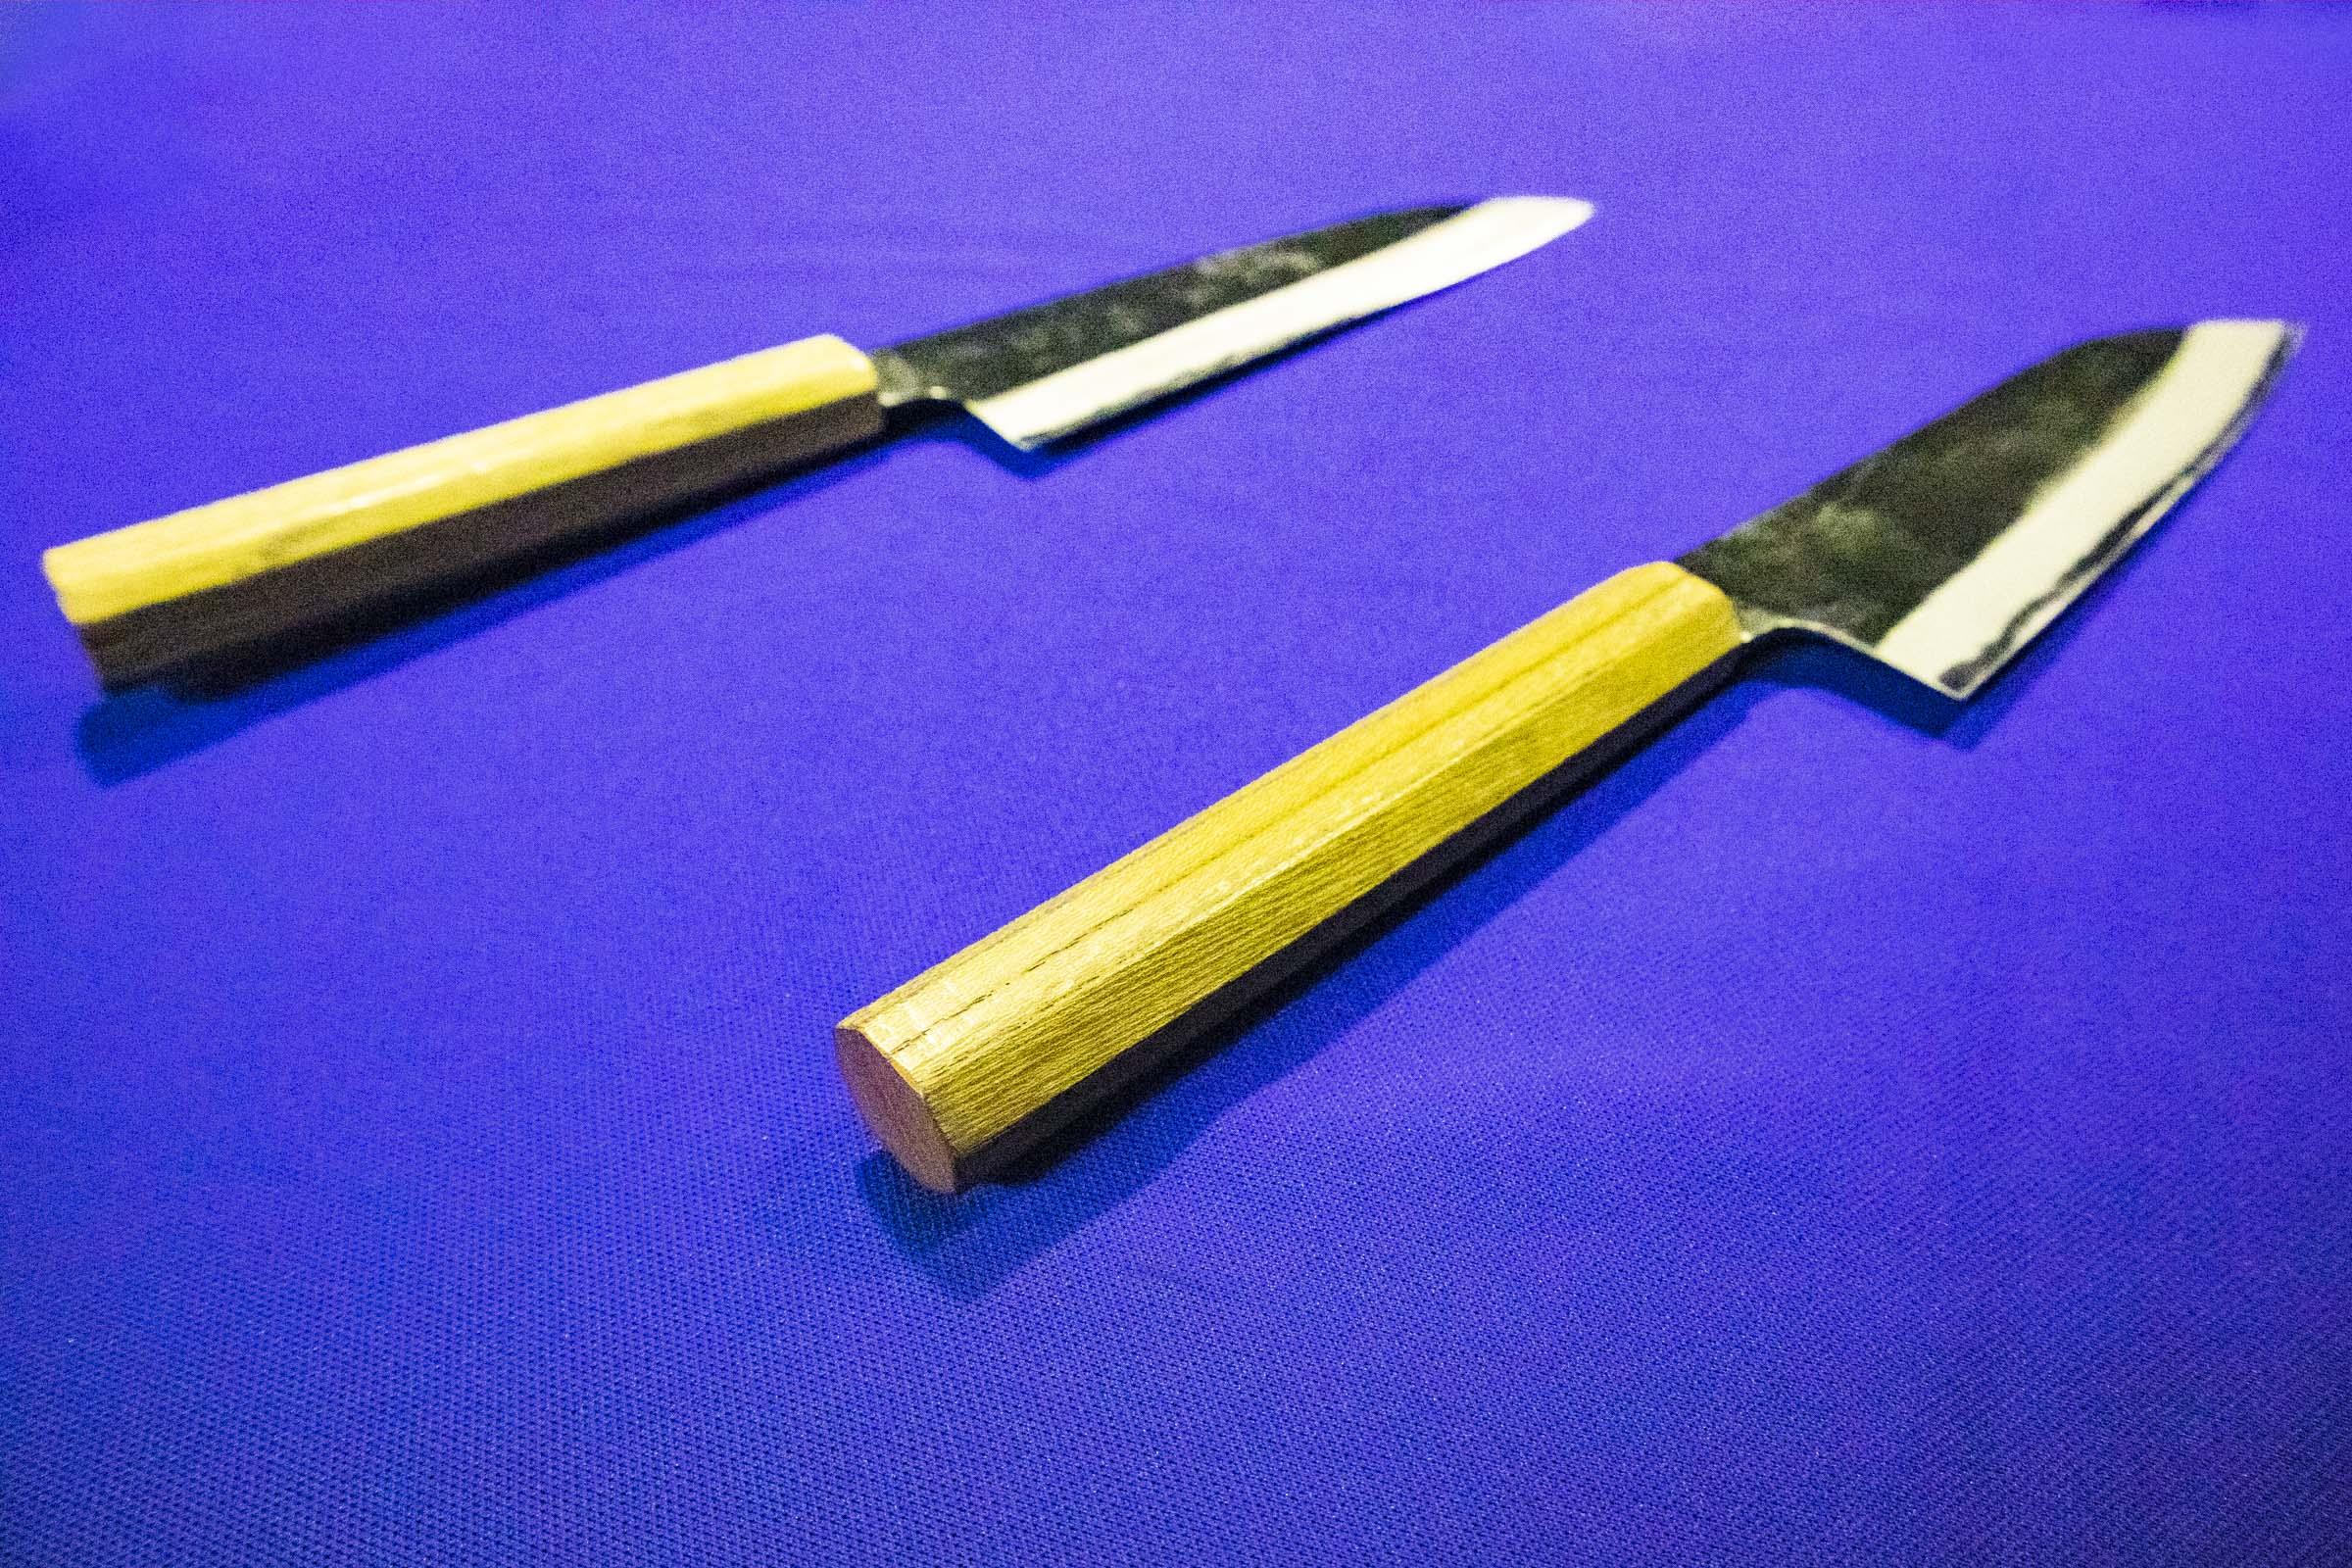 越前丹南、日常に触れる旅4/マイ包丁をつくろう!木工と打刃物の里縦断ツアー